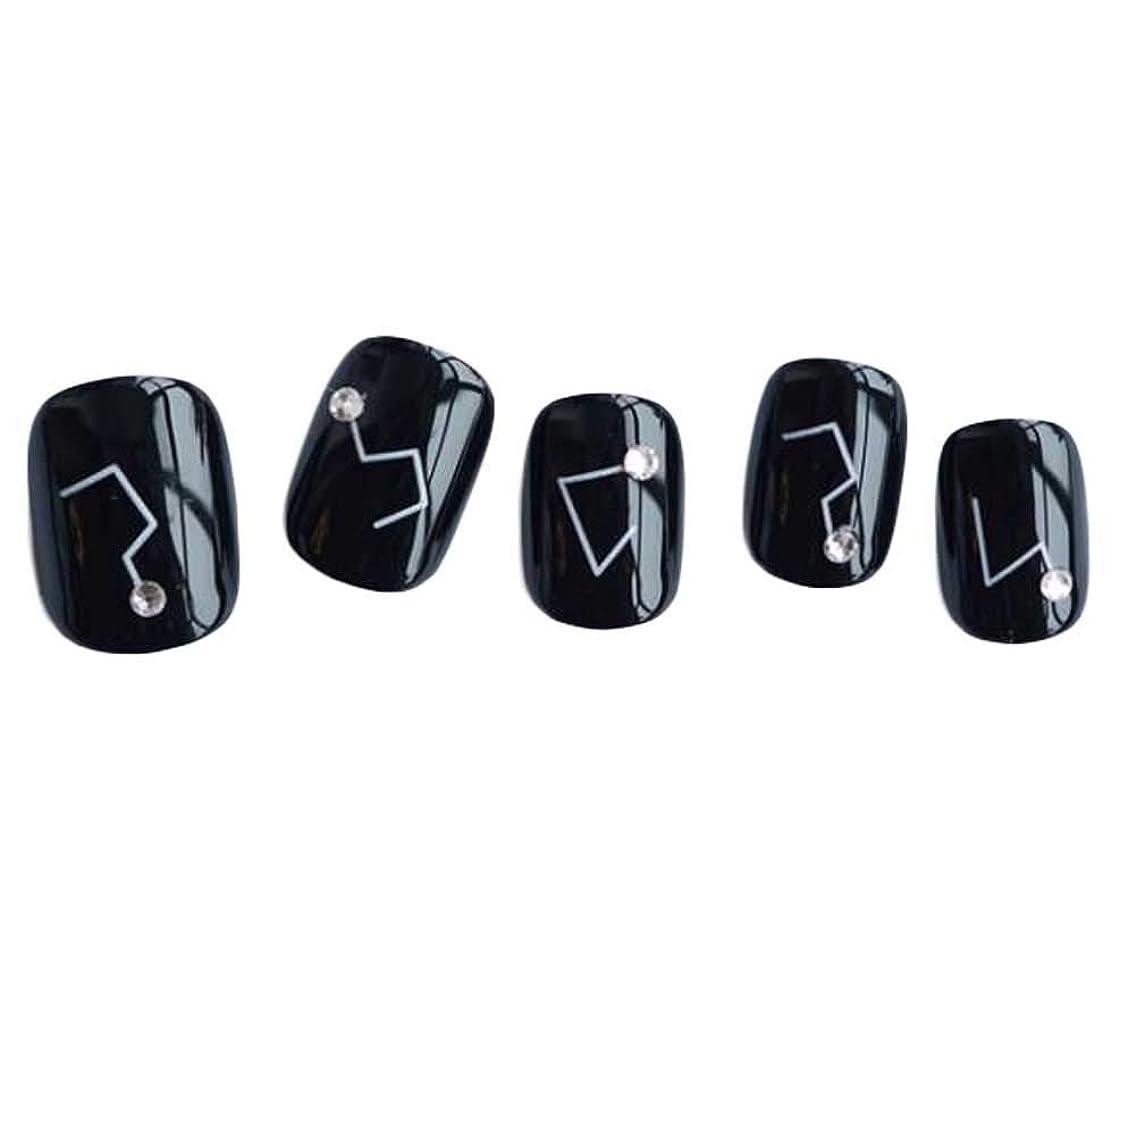 タワー試してみる目を覚ます星座 - 黒い短い偽の指爪人工爪の装飾の爪のヒント